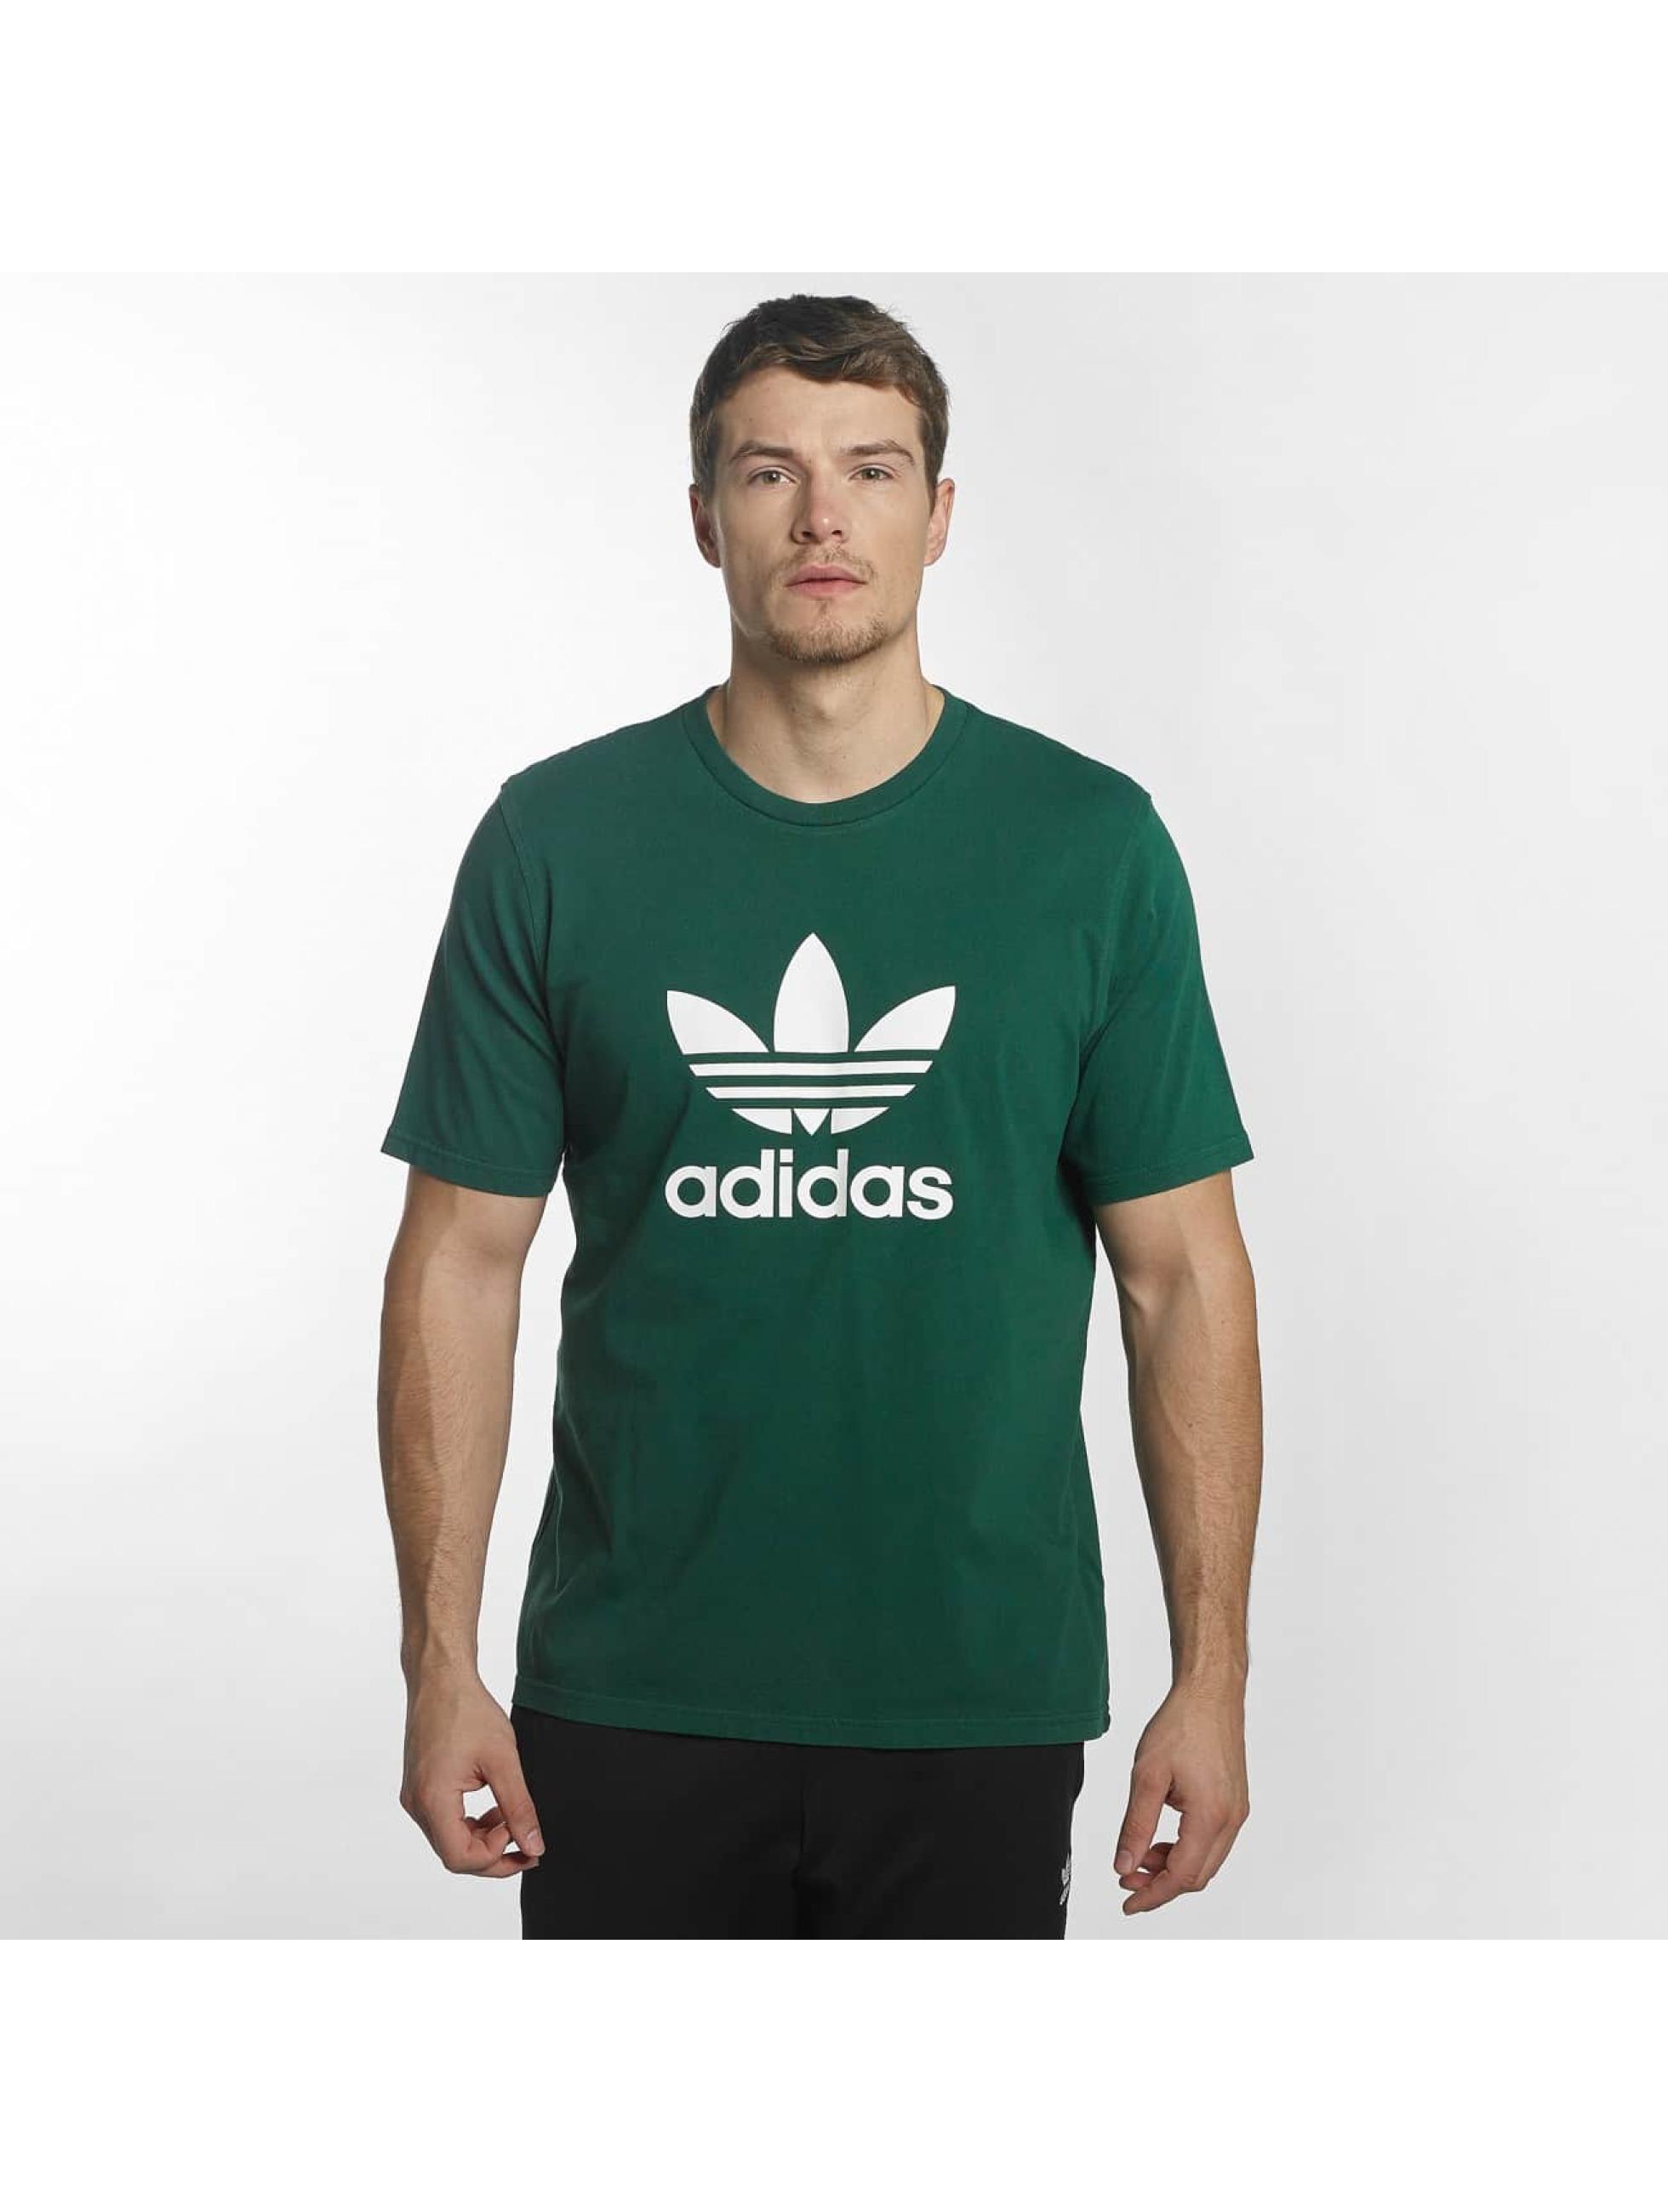 adidas t-shirt Trefoil groen